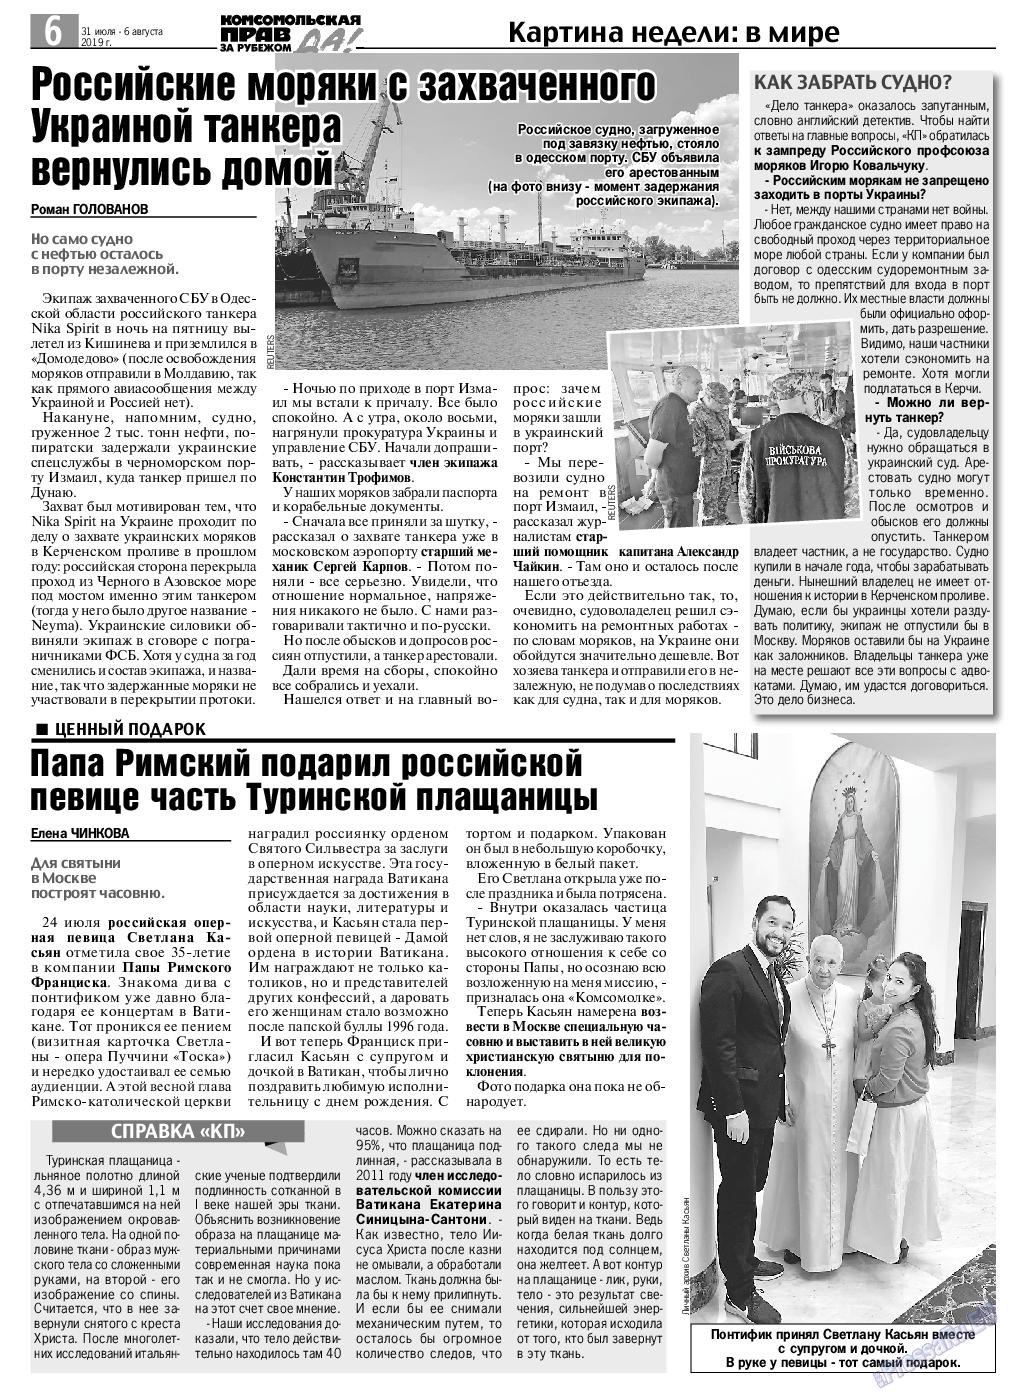 КП в Европе (газета). 2019 год, номер 31, стр. 6